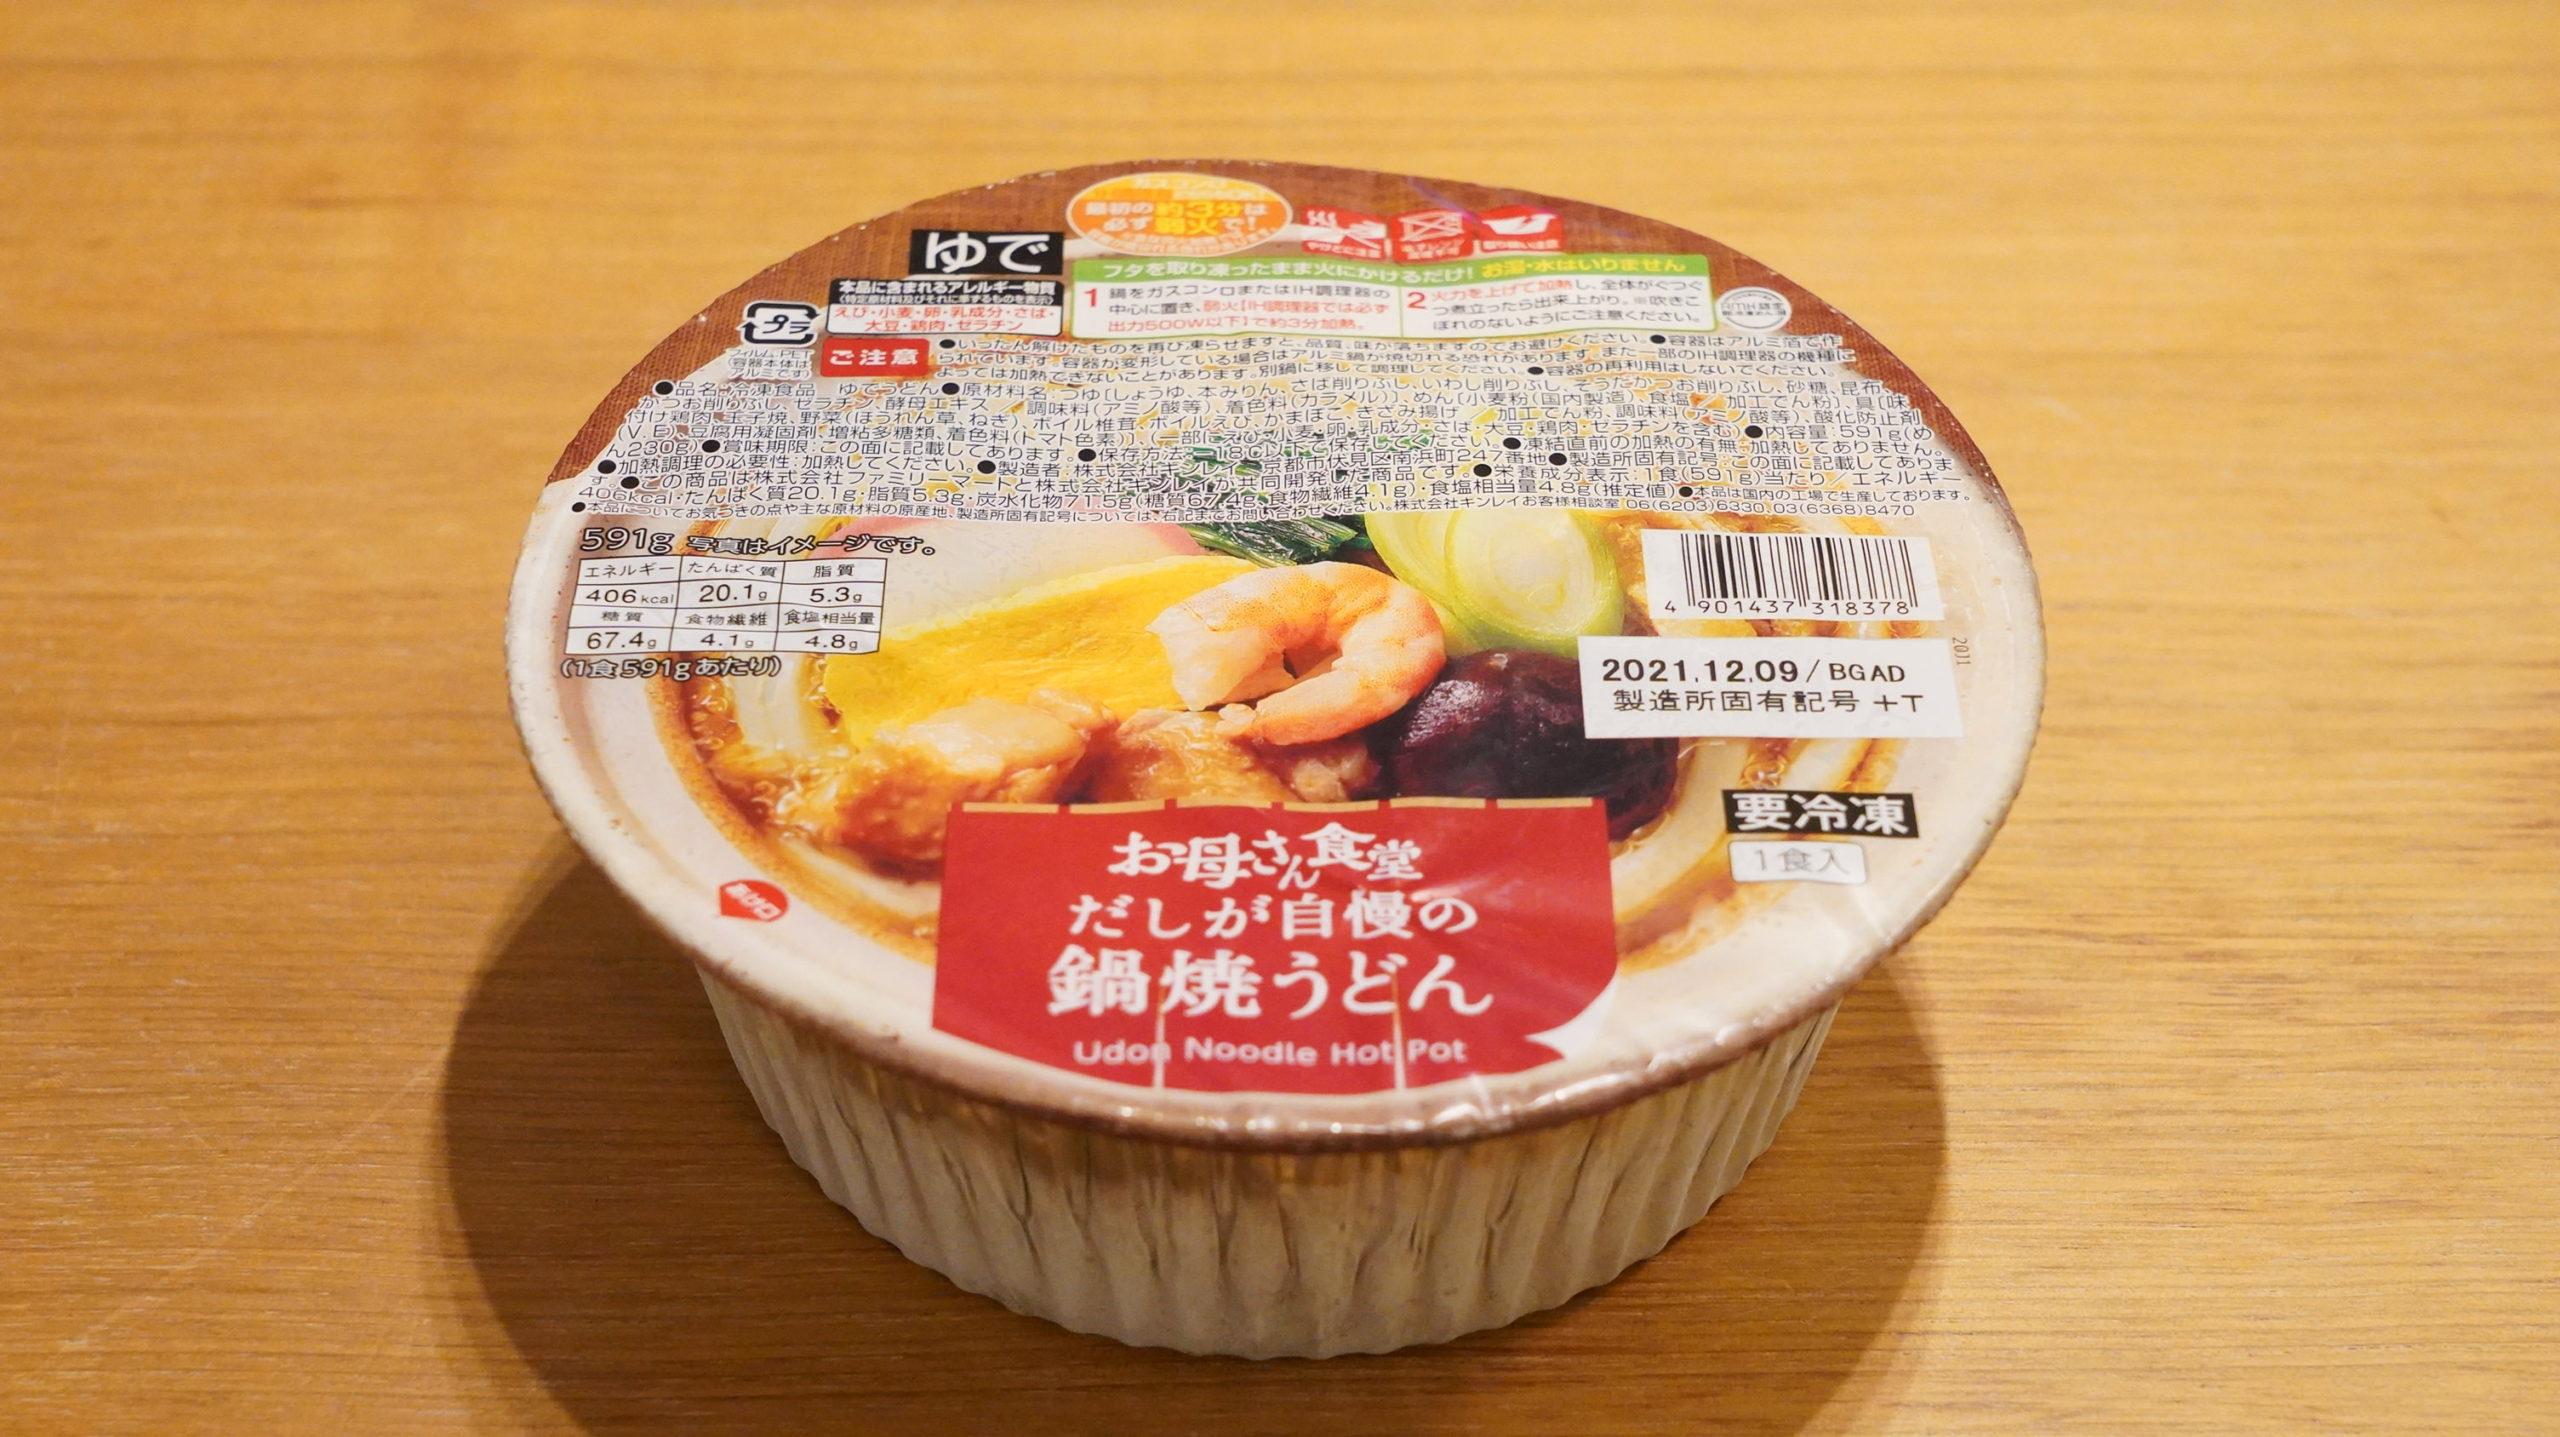 ファミリーマートの冷凍食品「だしが自慢の鍋焼うどん」のパッケージの写真